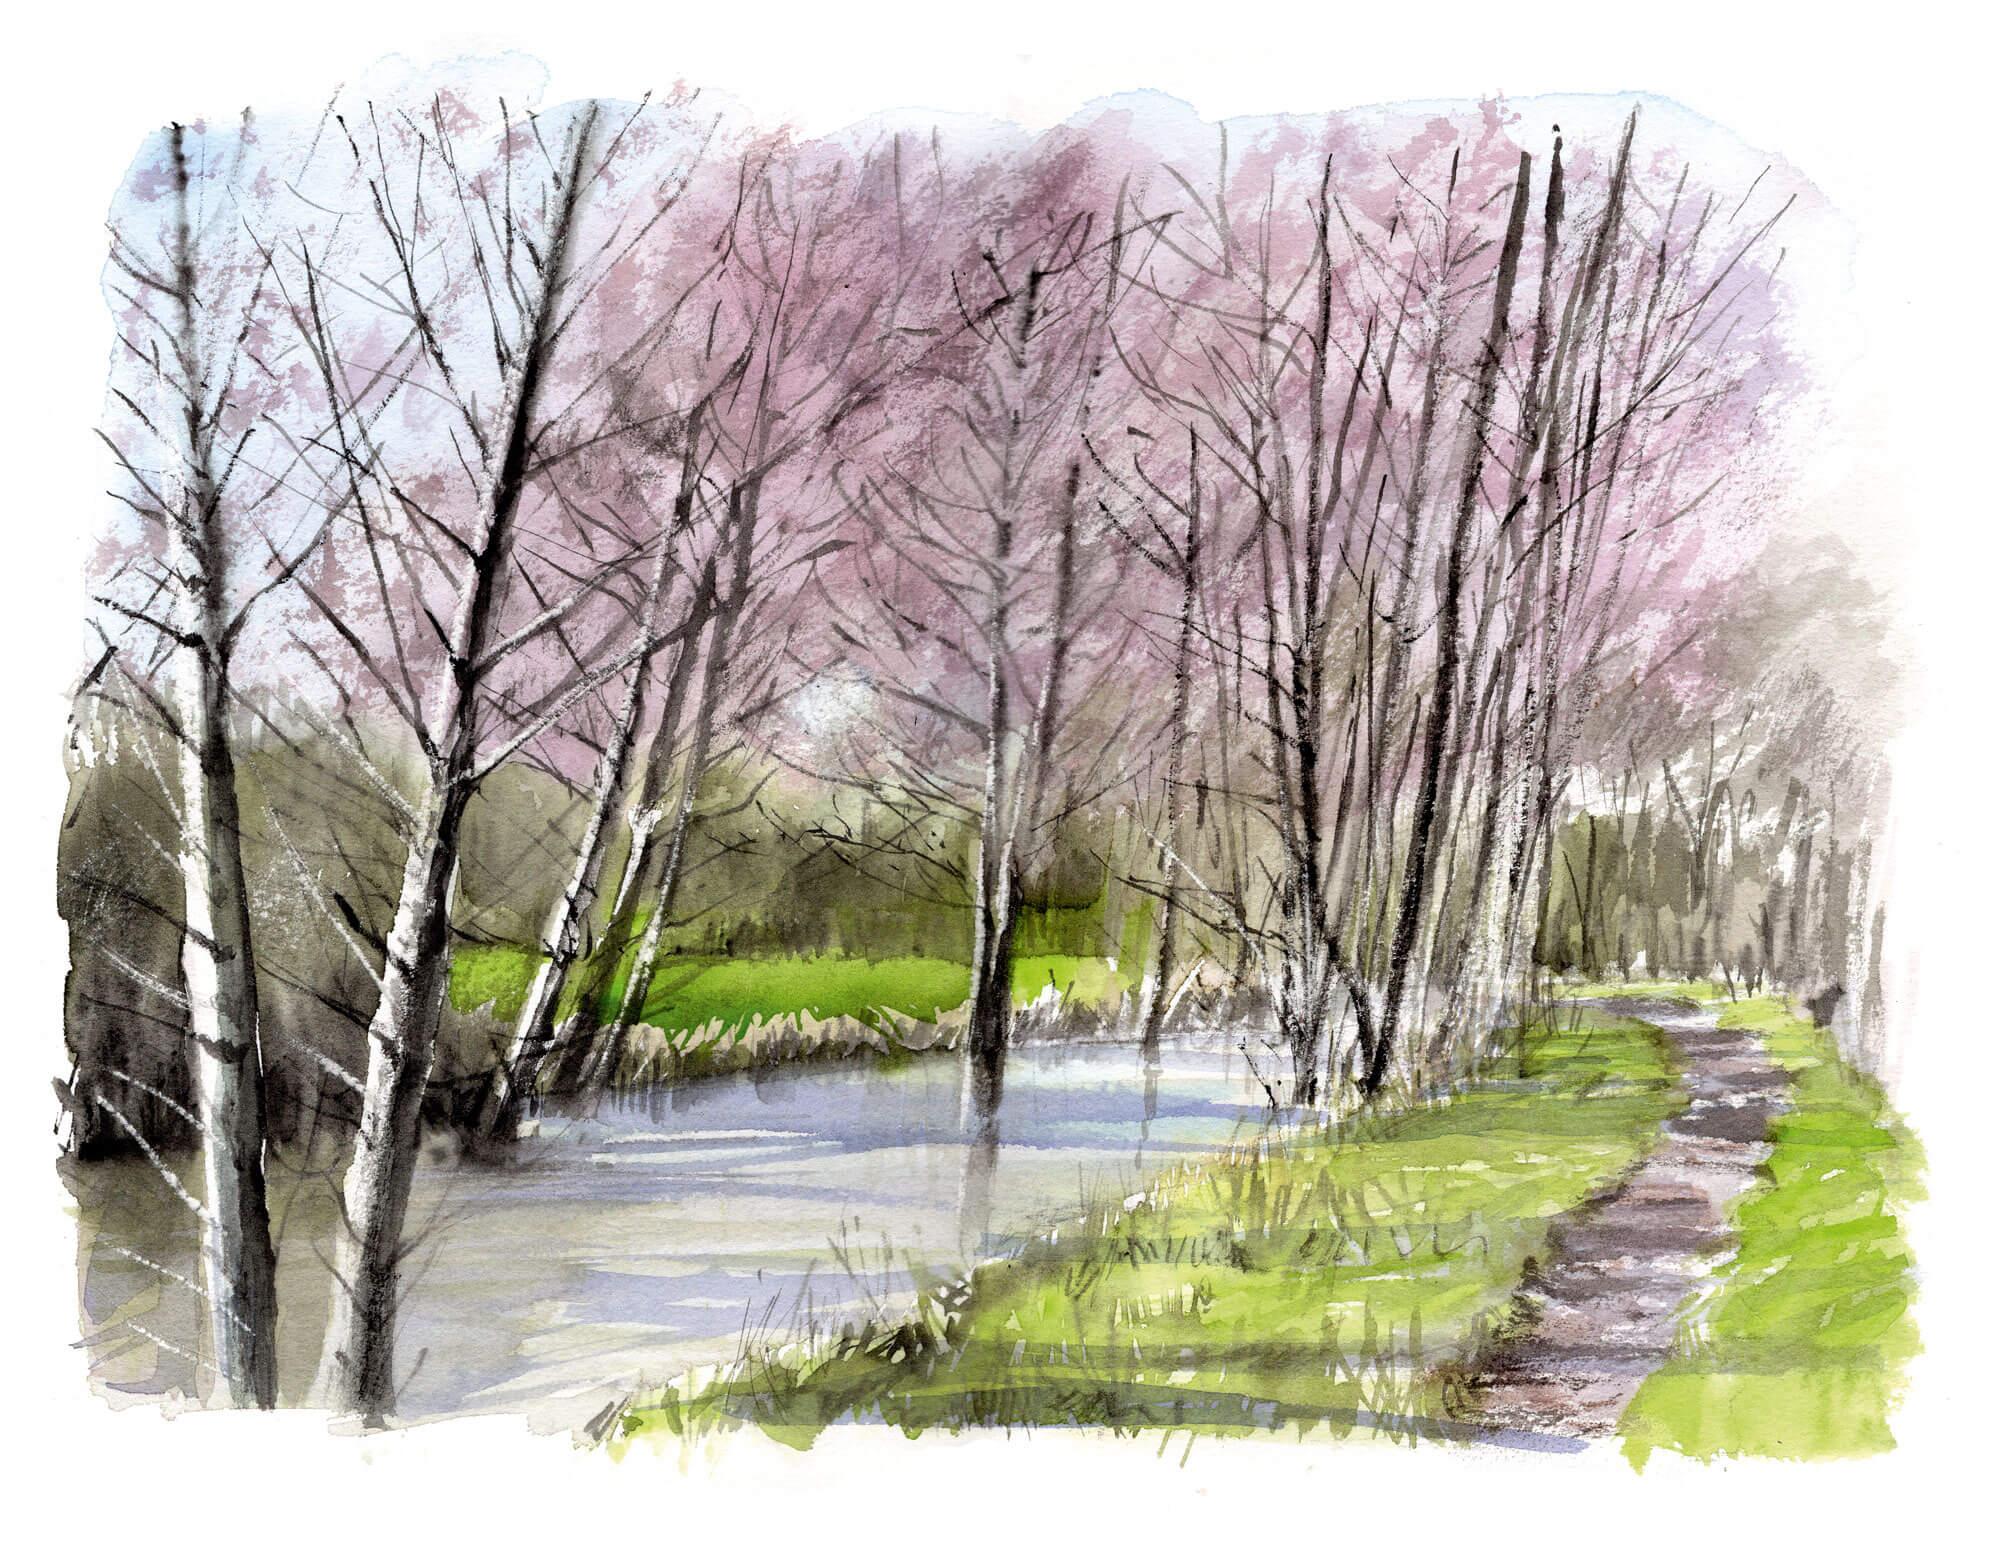 Un cirque de tarins des aulnes - La Salamandre dessin Aulnes au bord d'une rivière